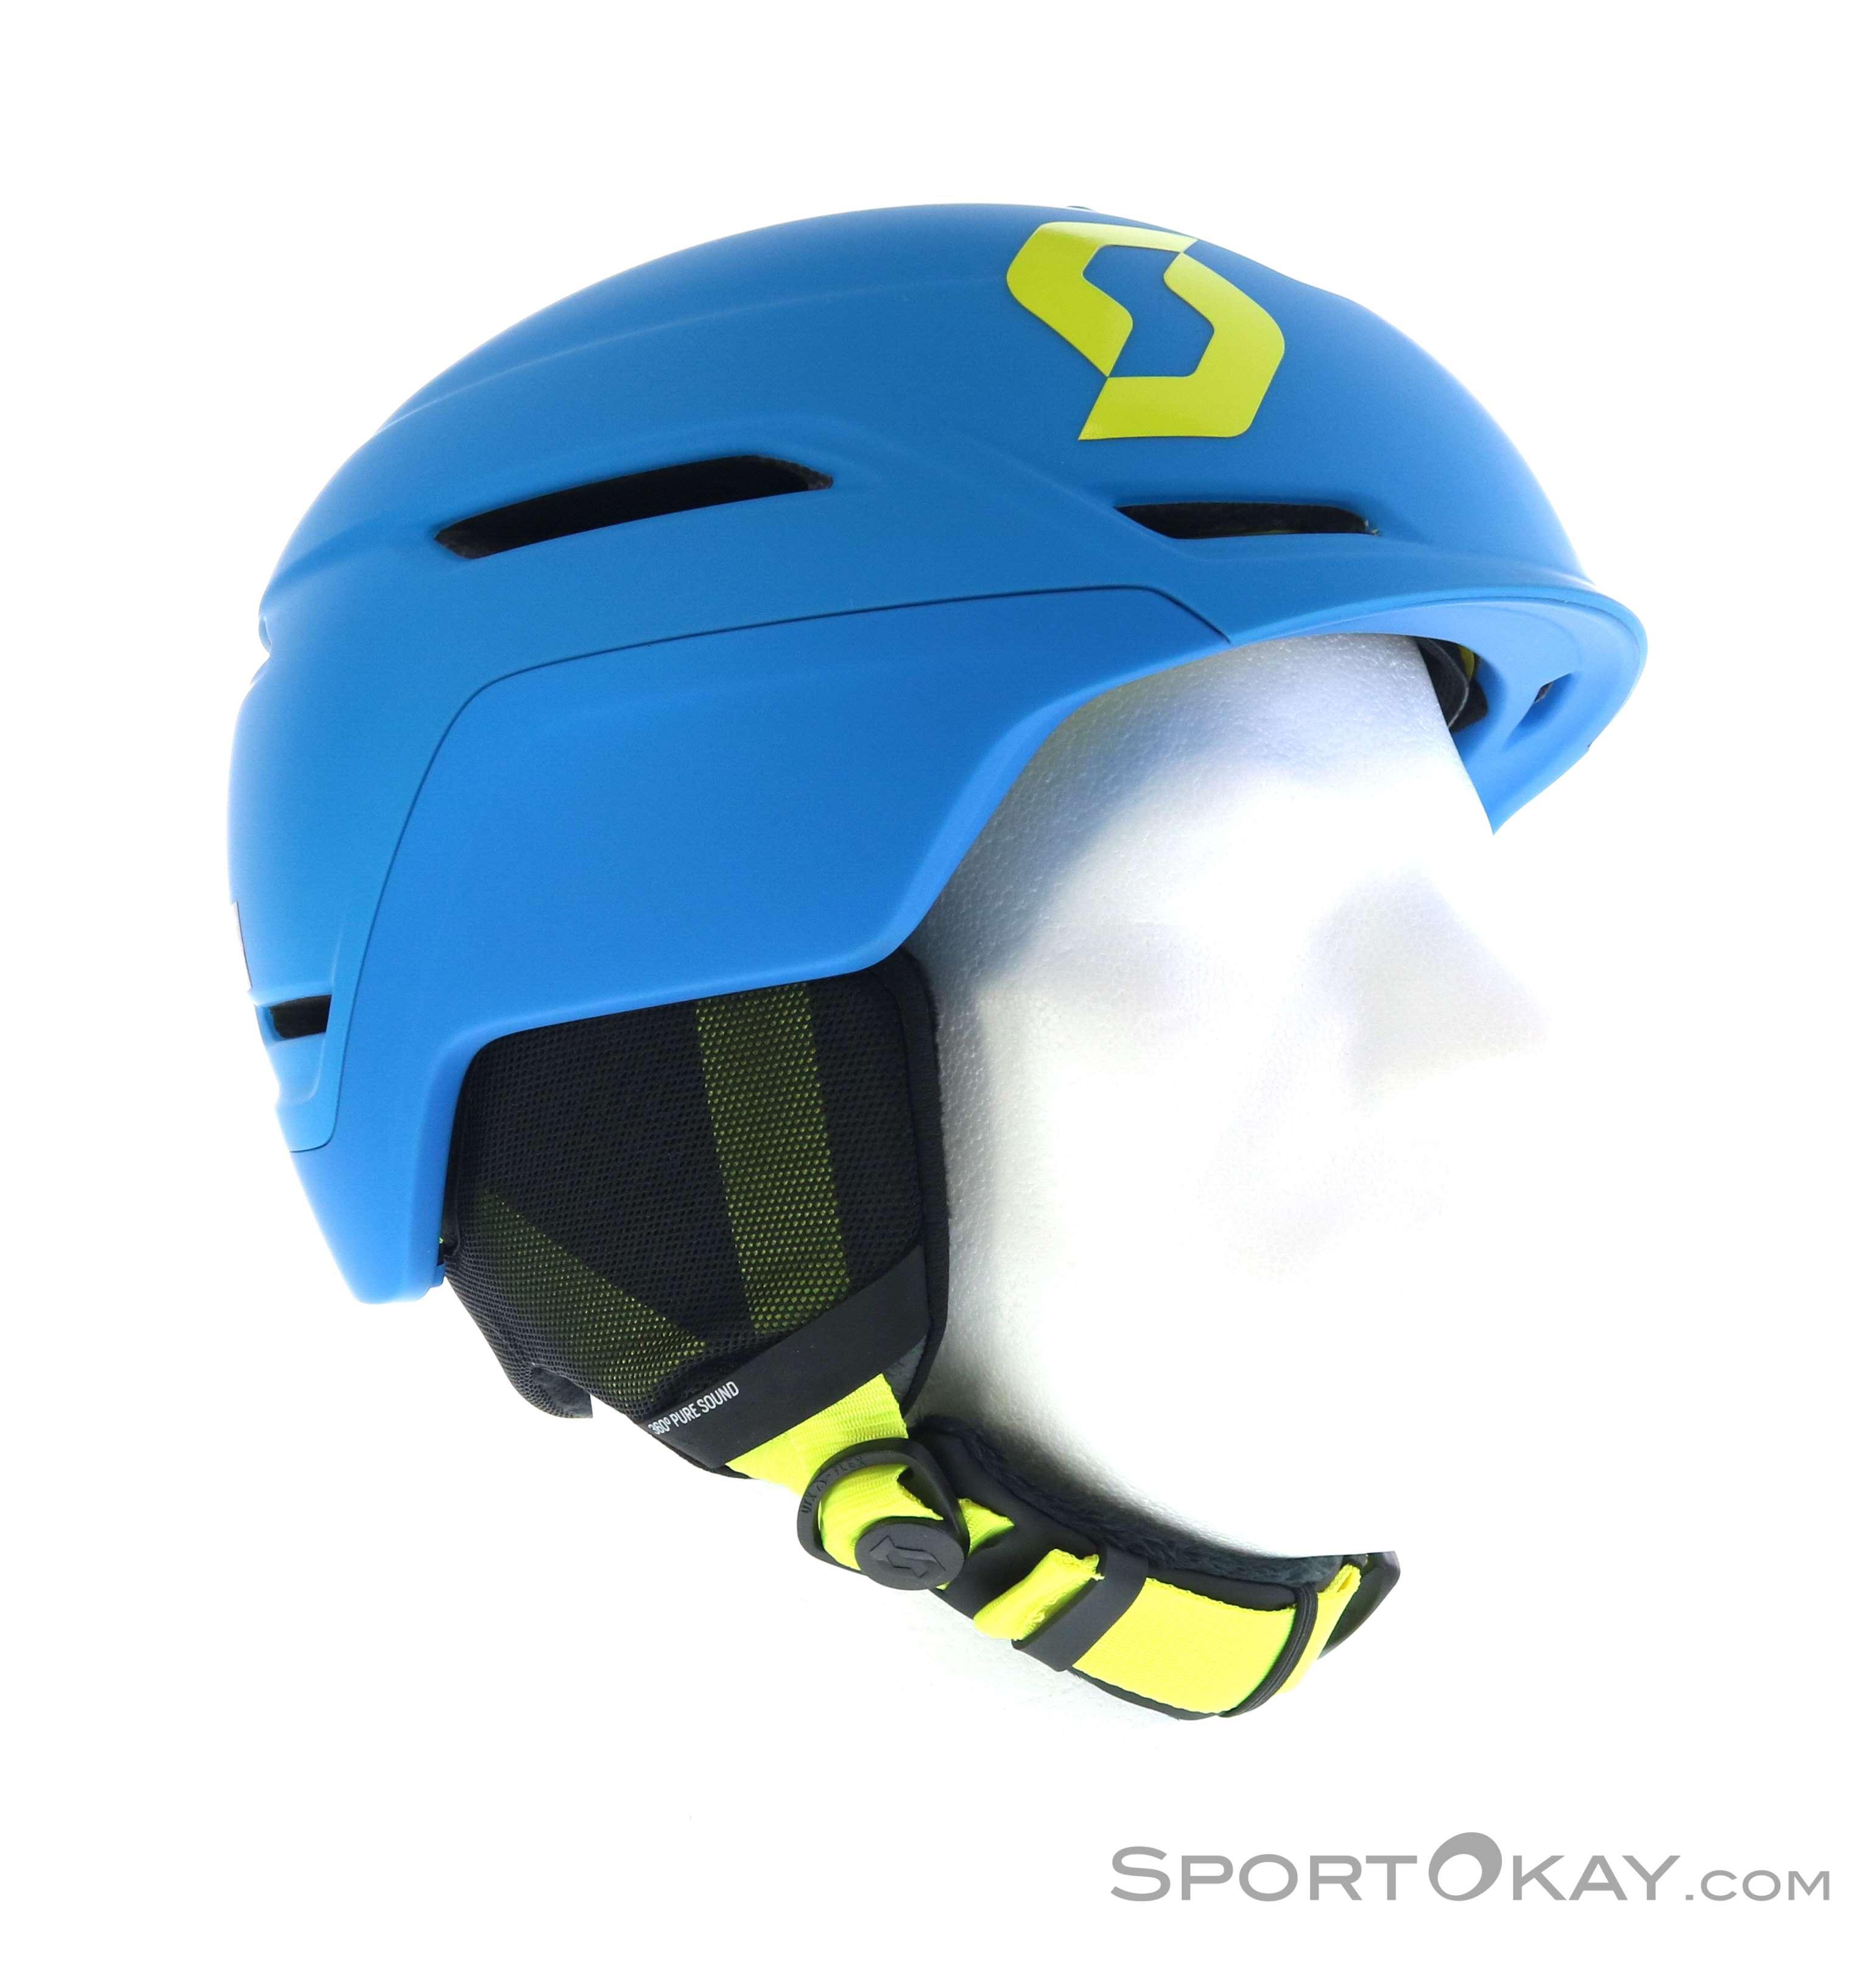 Scott Symbol 2 Plus Ski Helmet Ski Helmets Ski Helmets HQoot